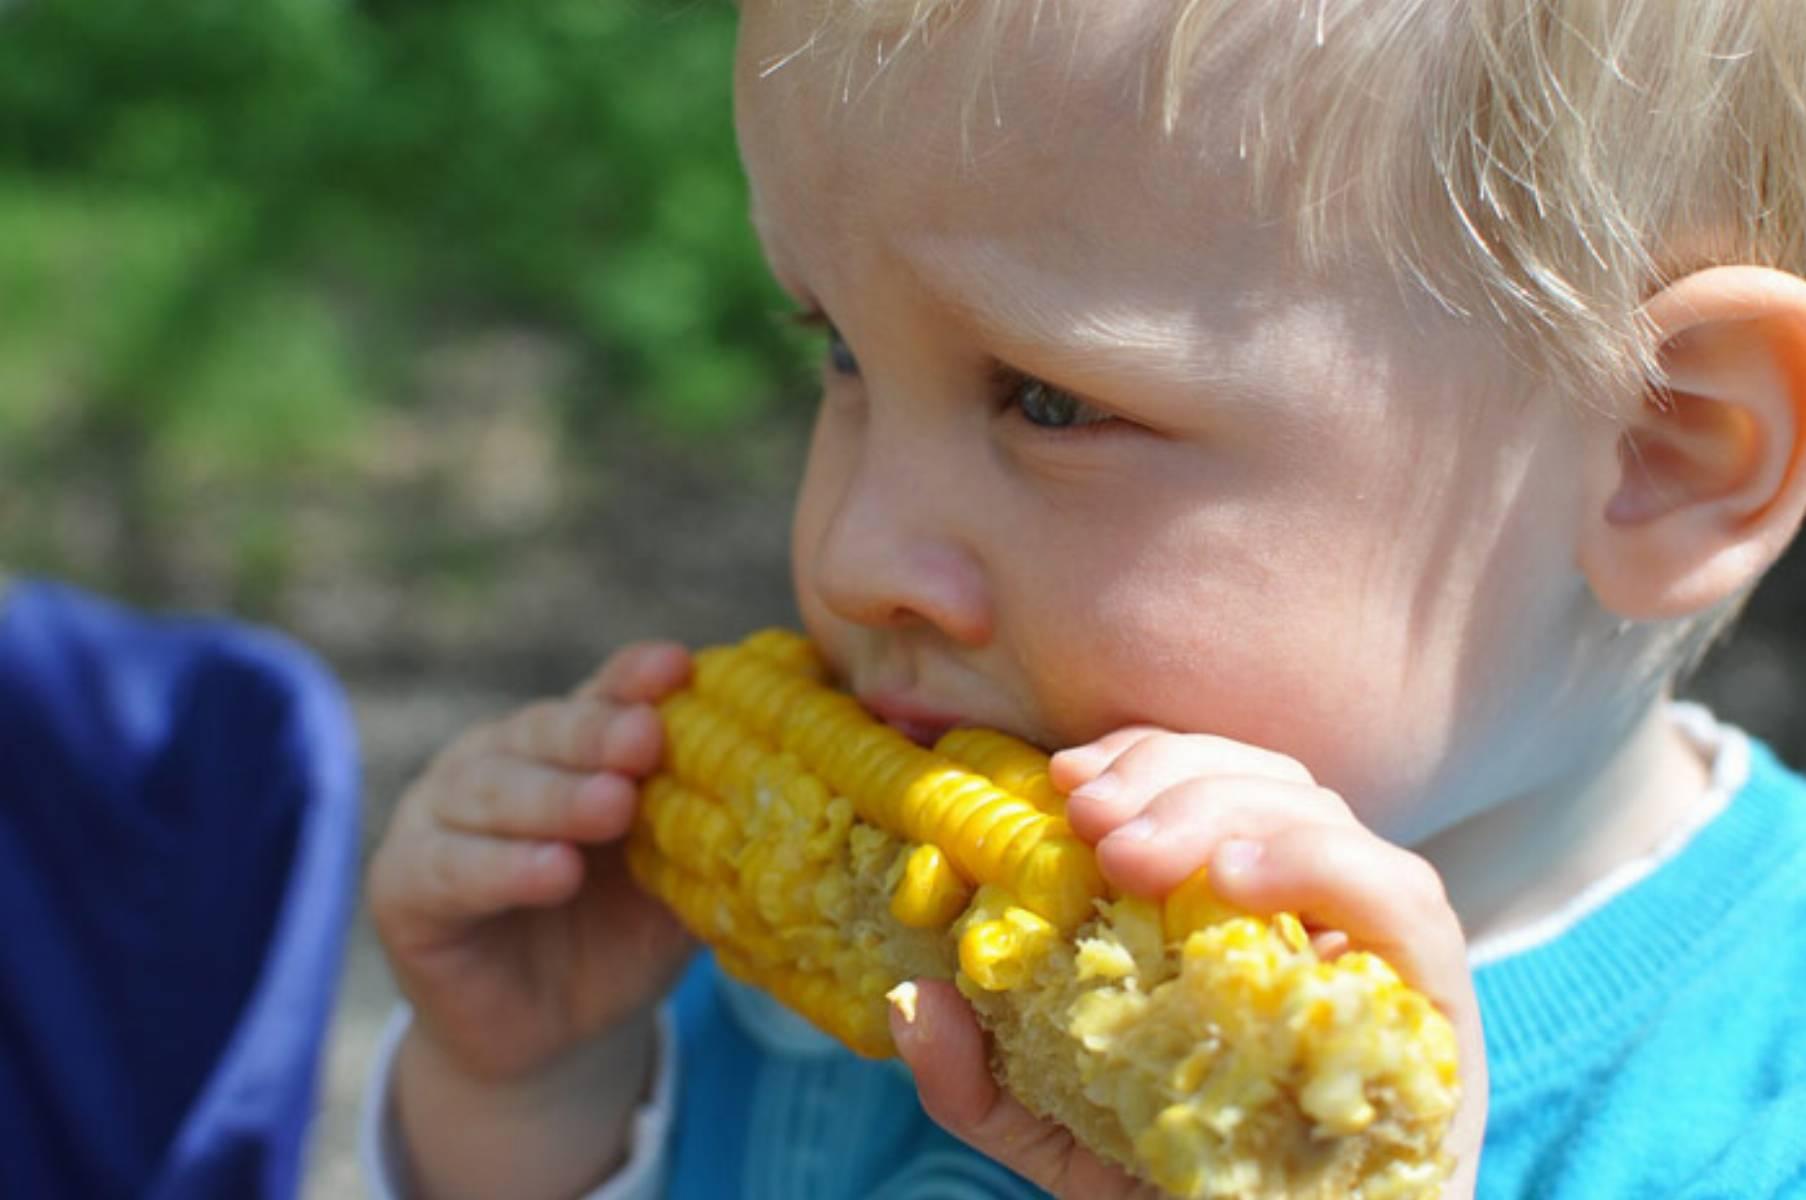 dziecko-jedzące-kukurydzę